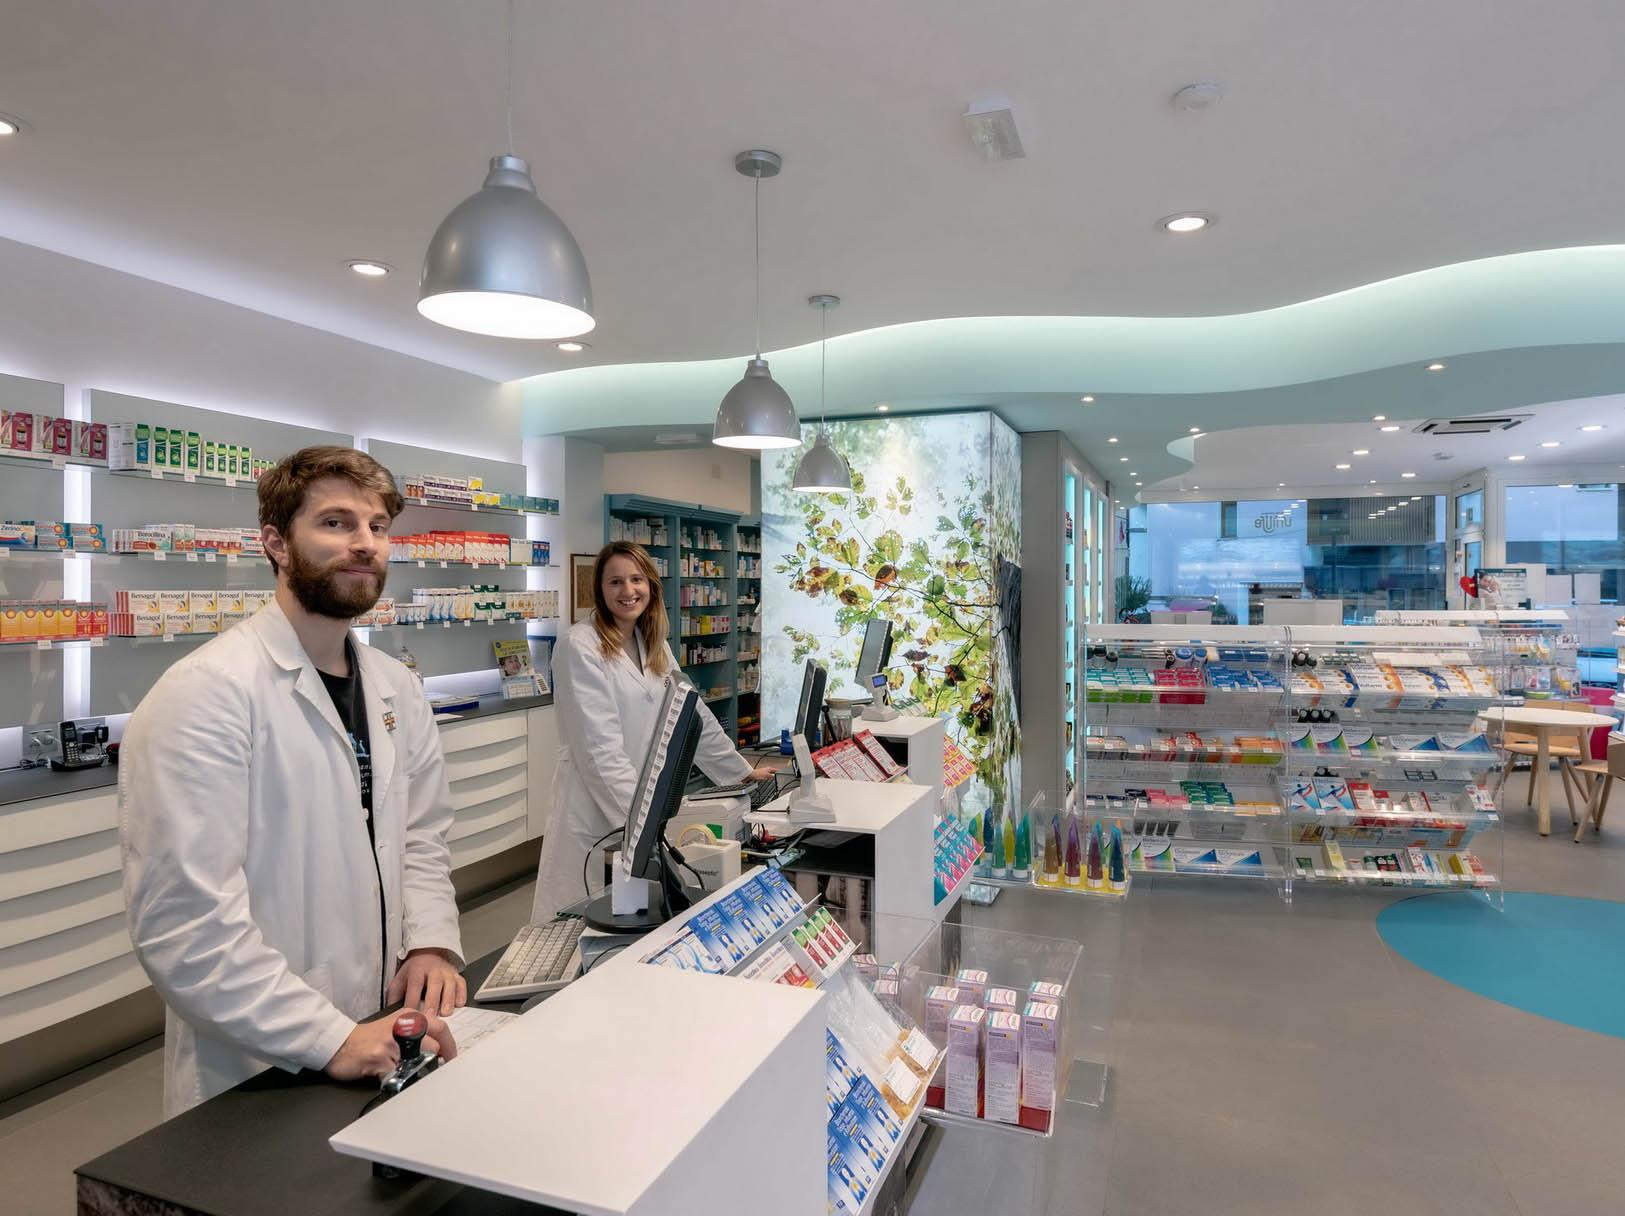 Arredamenti farmacia Zampieri